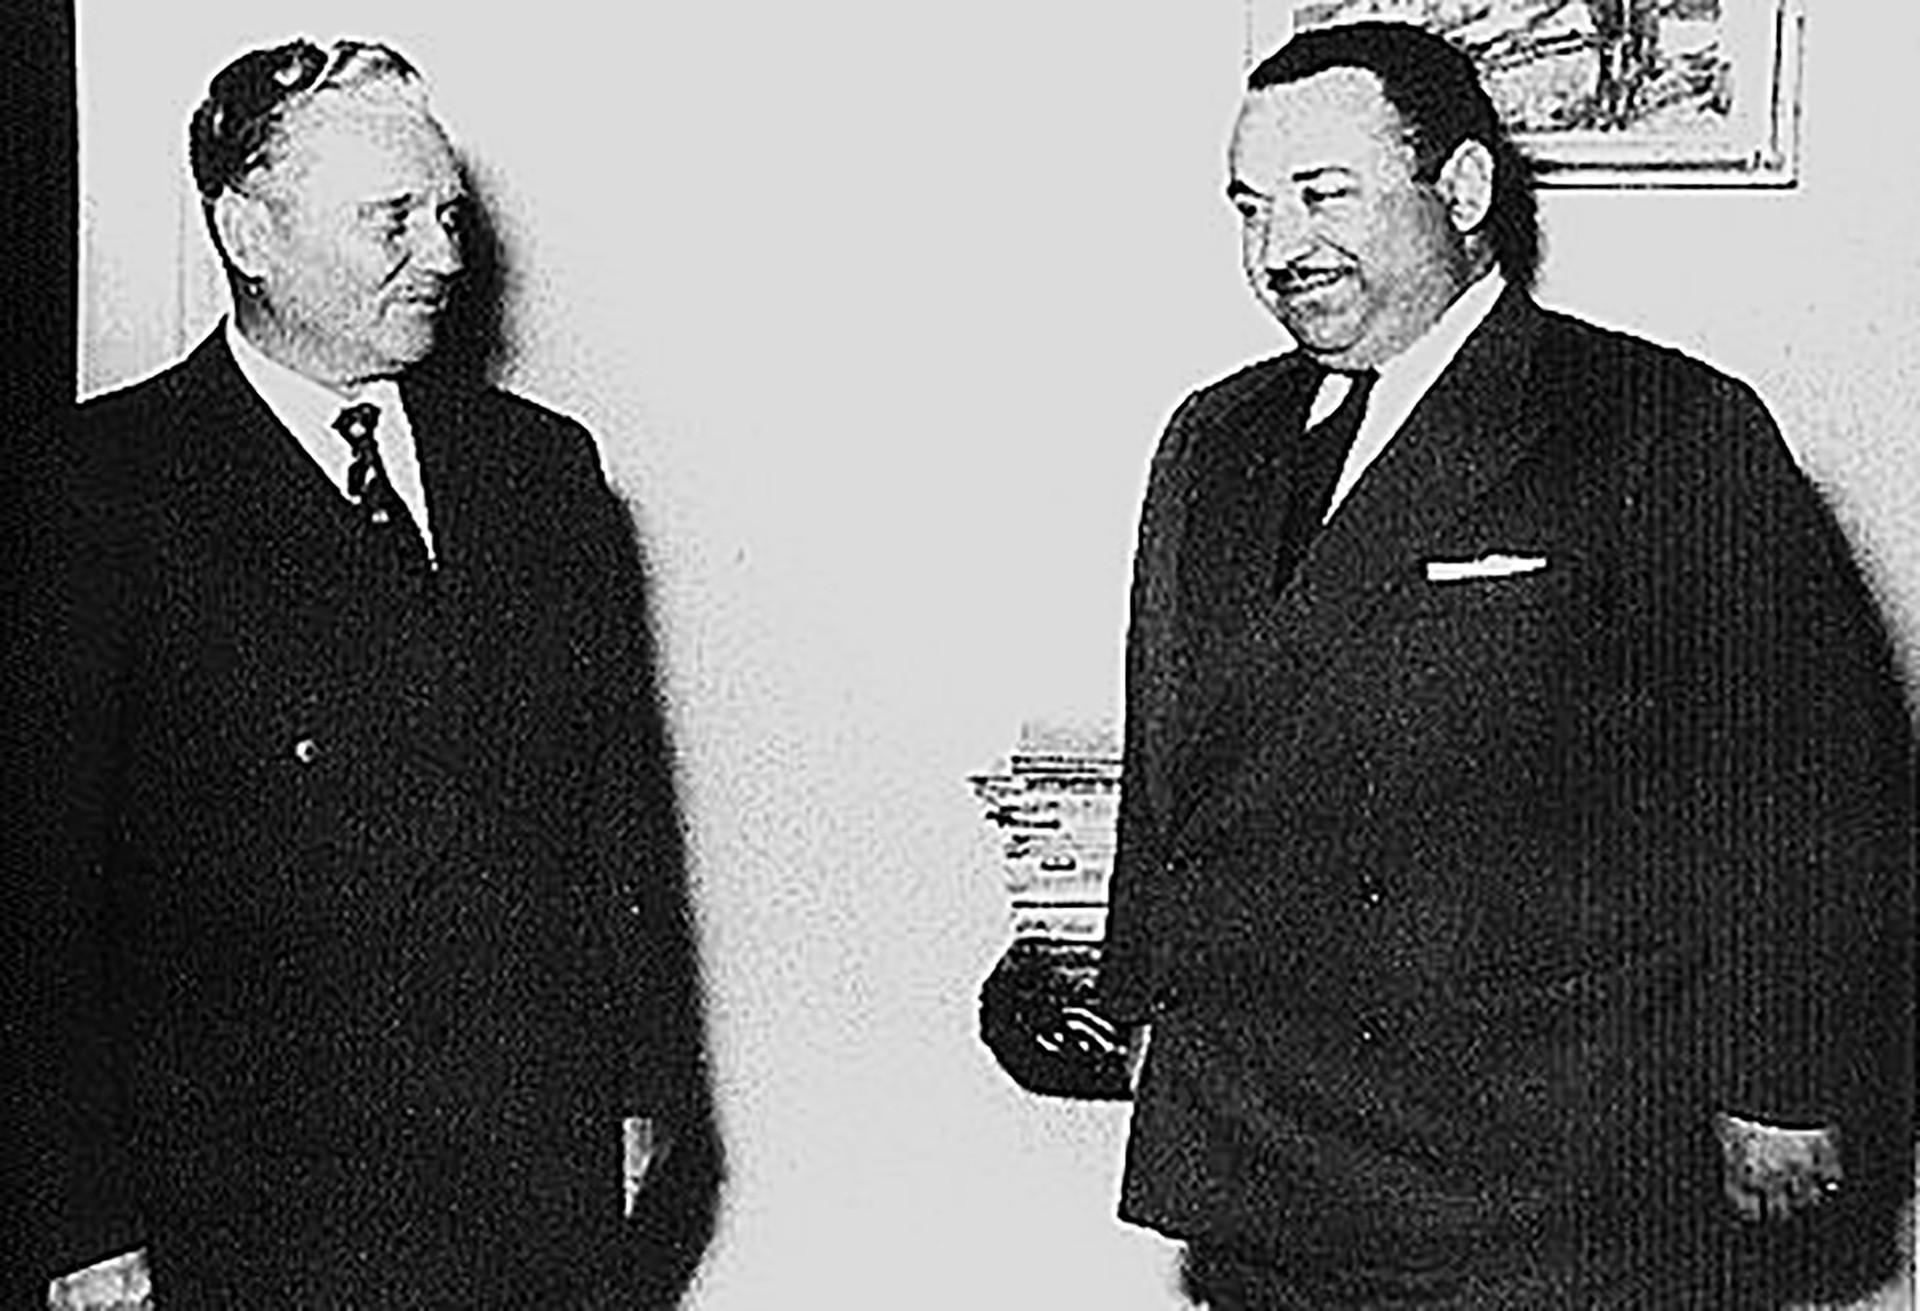 Јосип Броз Тито са Јосифом Ромуалдовичем Григулевичем, (познатим под именом Теодоро Б. Кастро), амбасадором Костарике у Италији и Југославији.